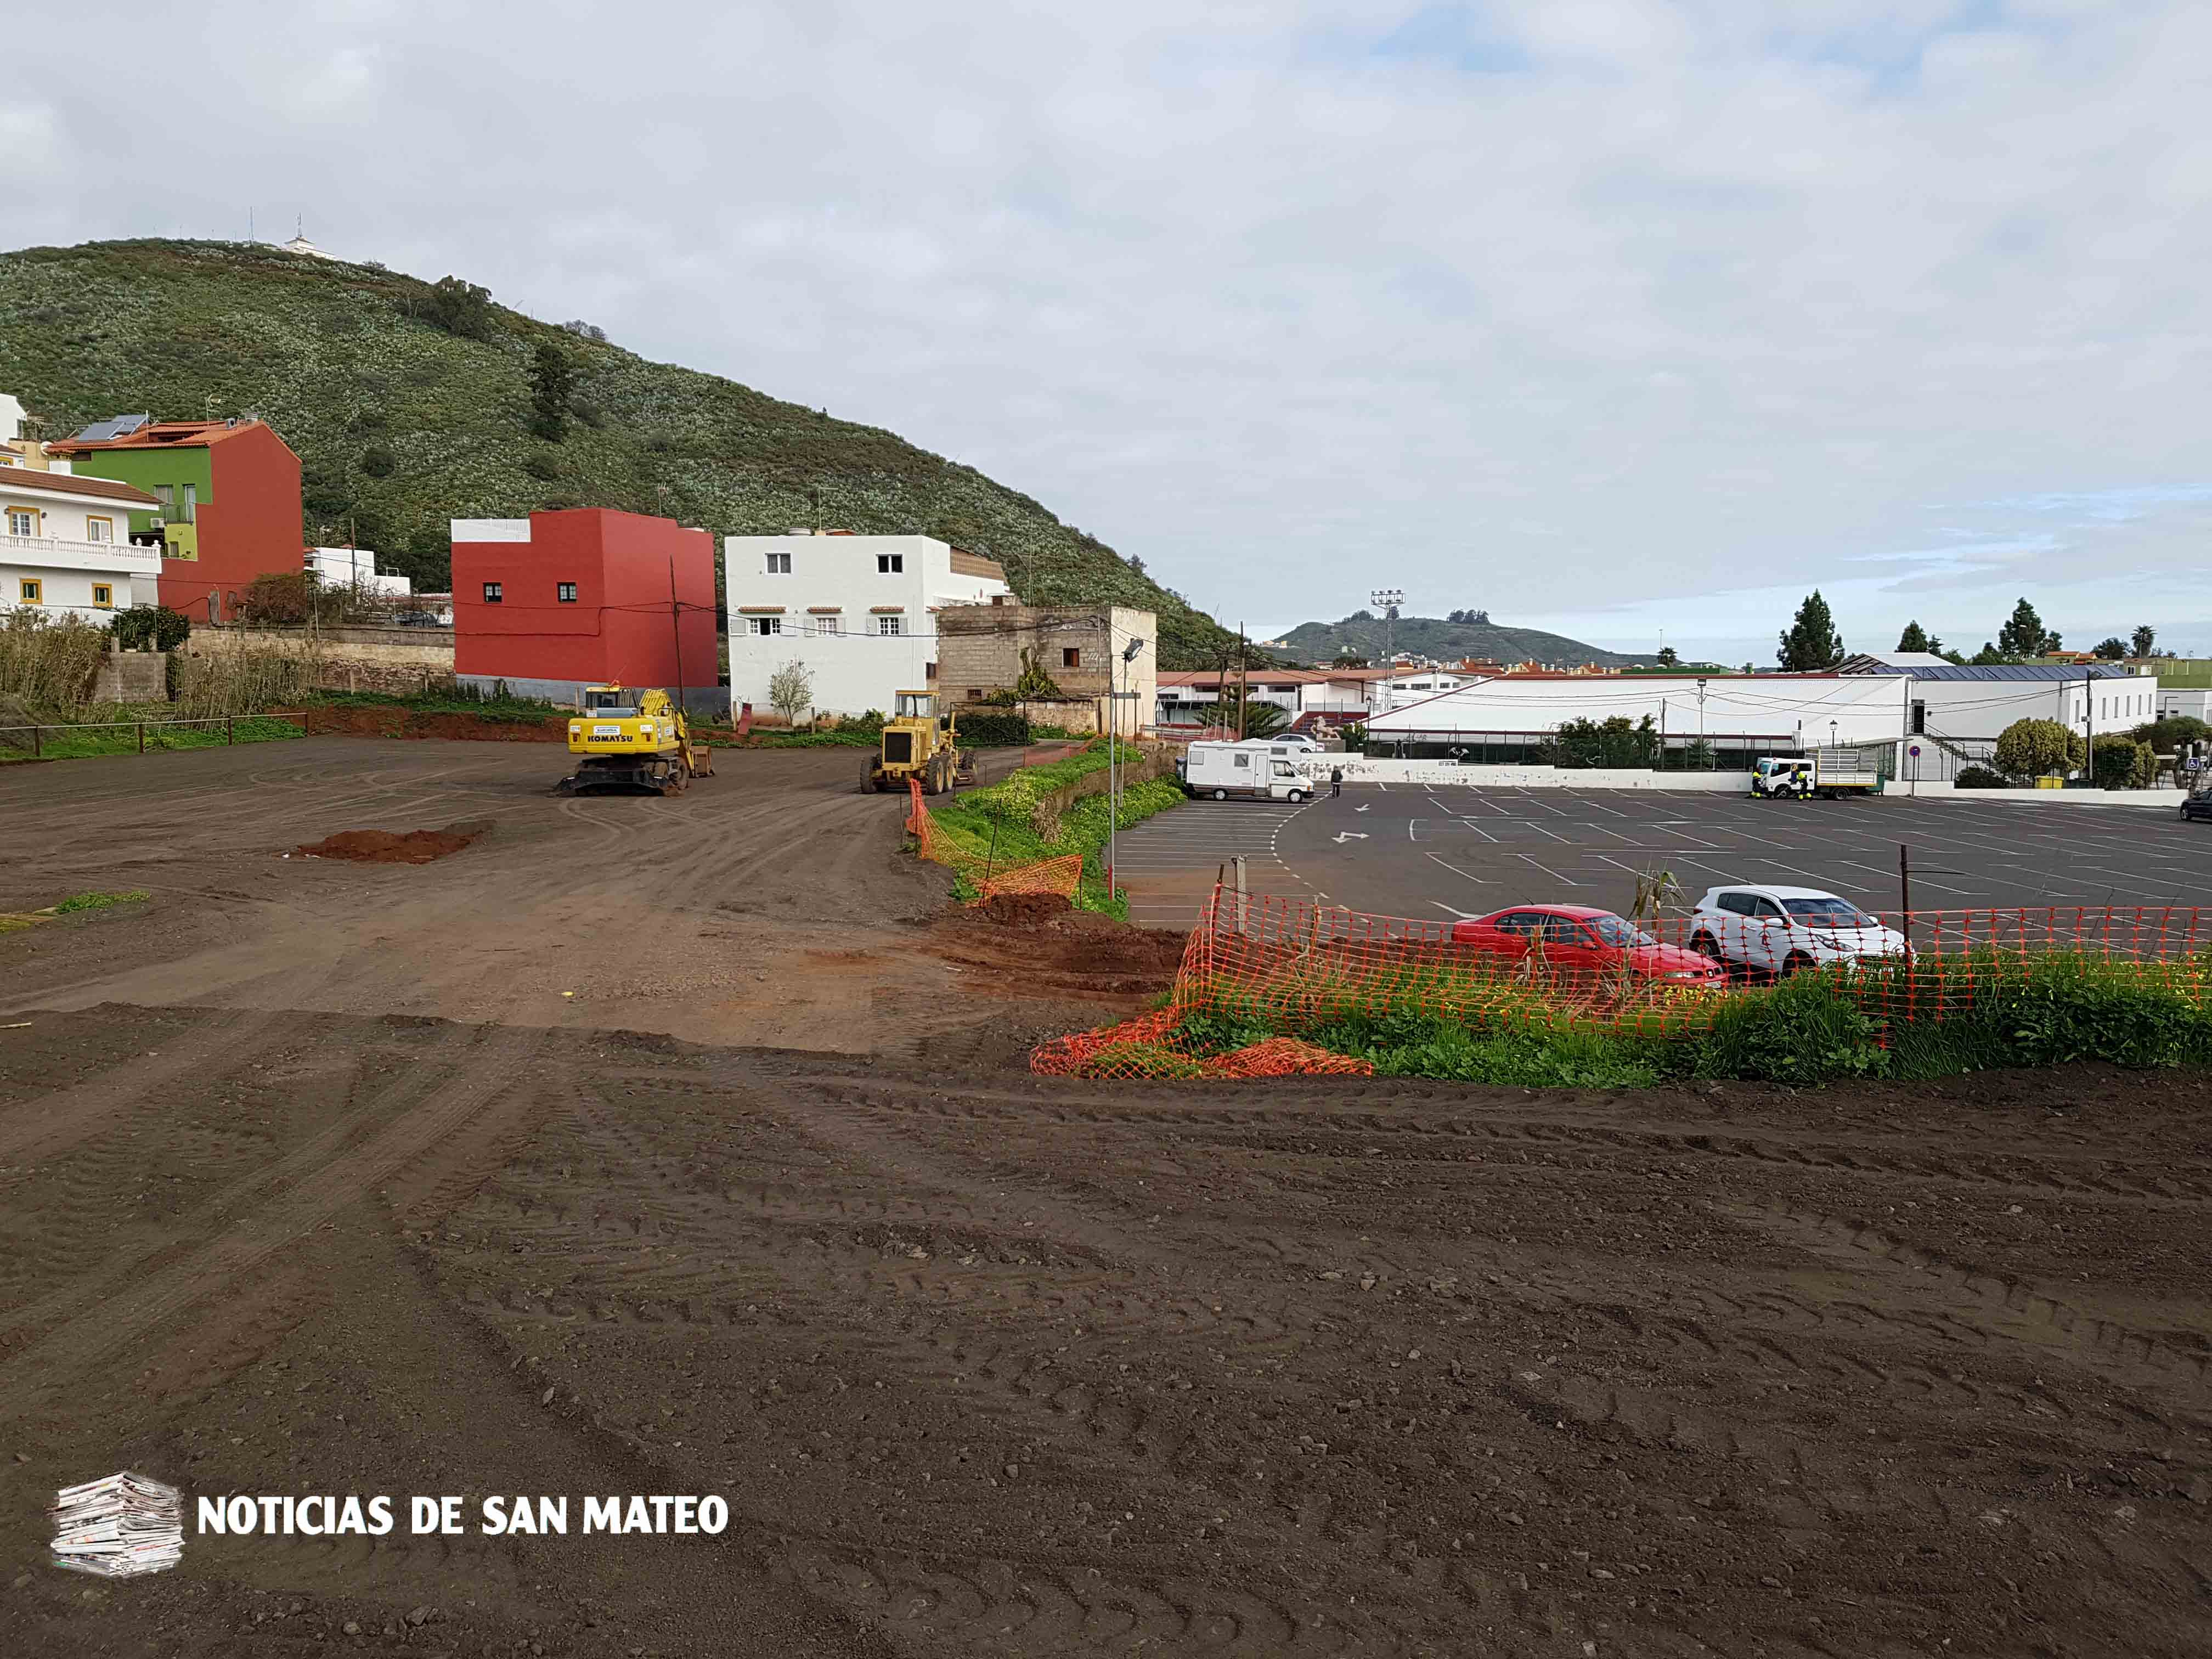 Aparcamiento anexo Hoya Viciosa Foto Noticias de San Mateo